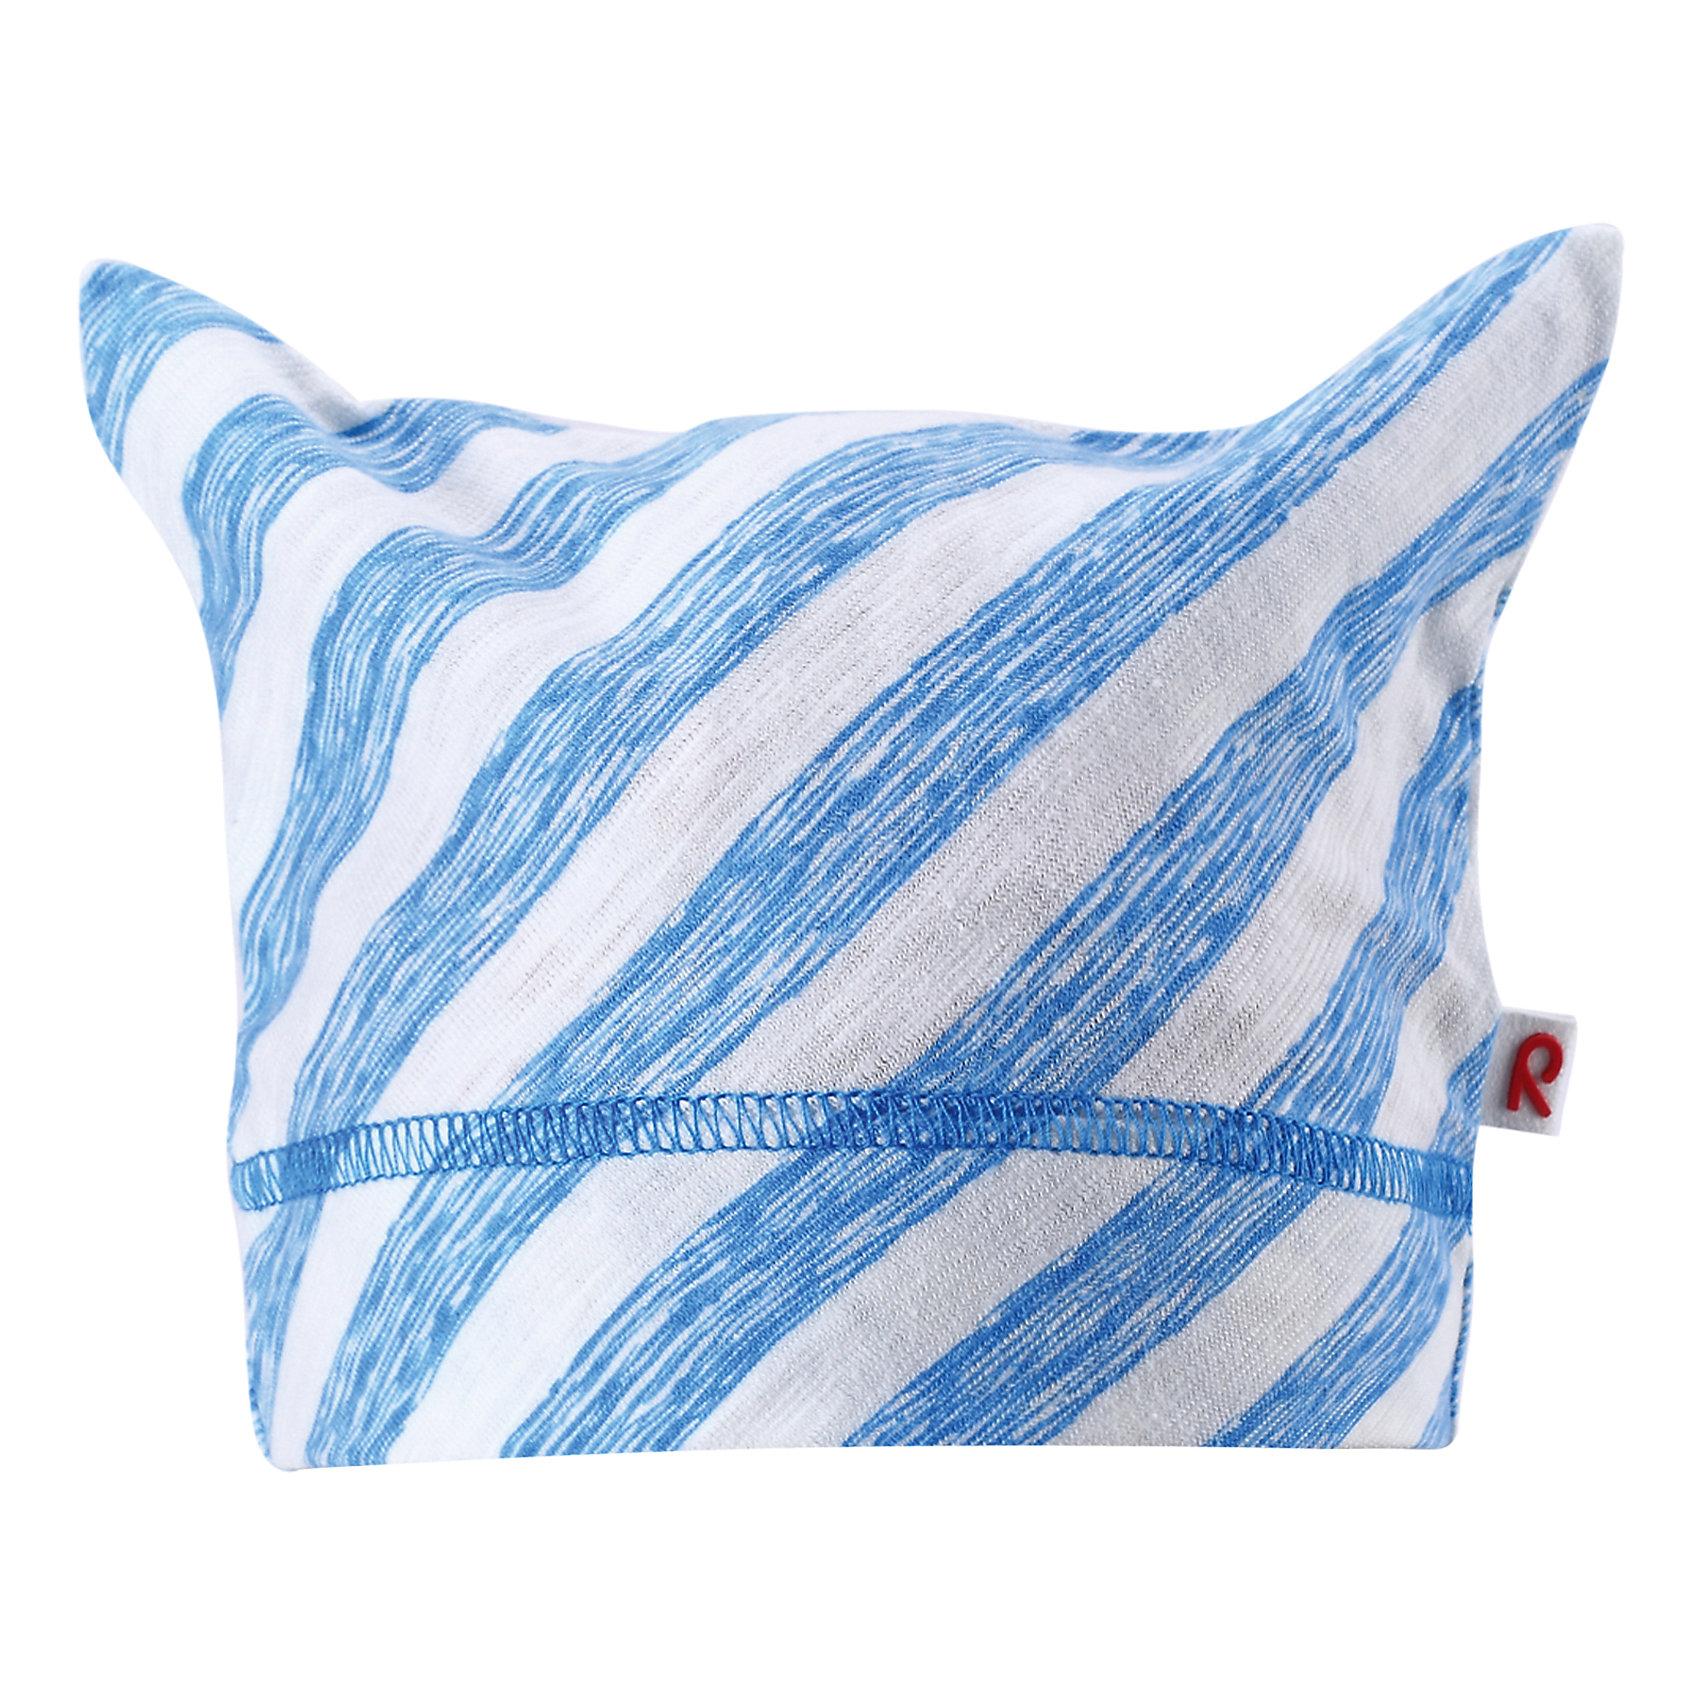 Reima Шапка для мальчика Reima подарки для новорожденных купить в беларуси